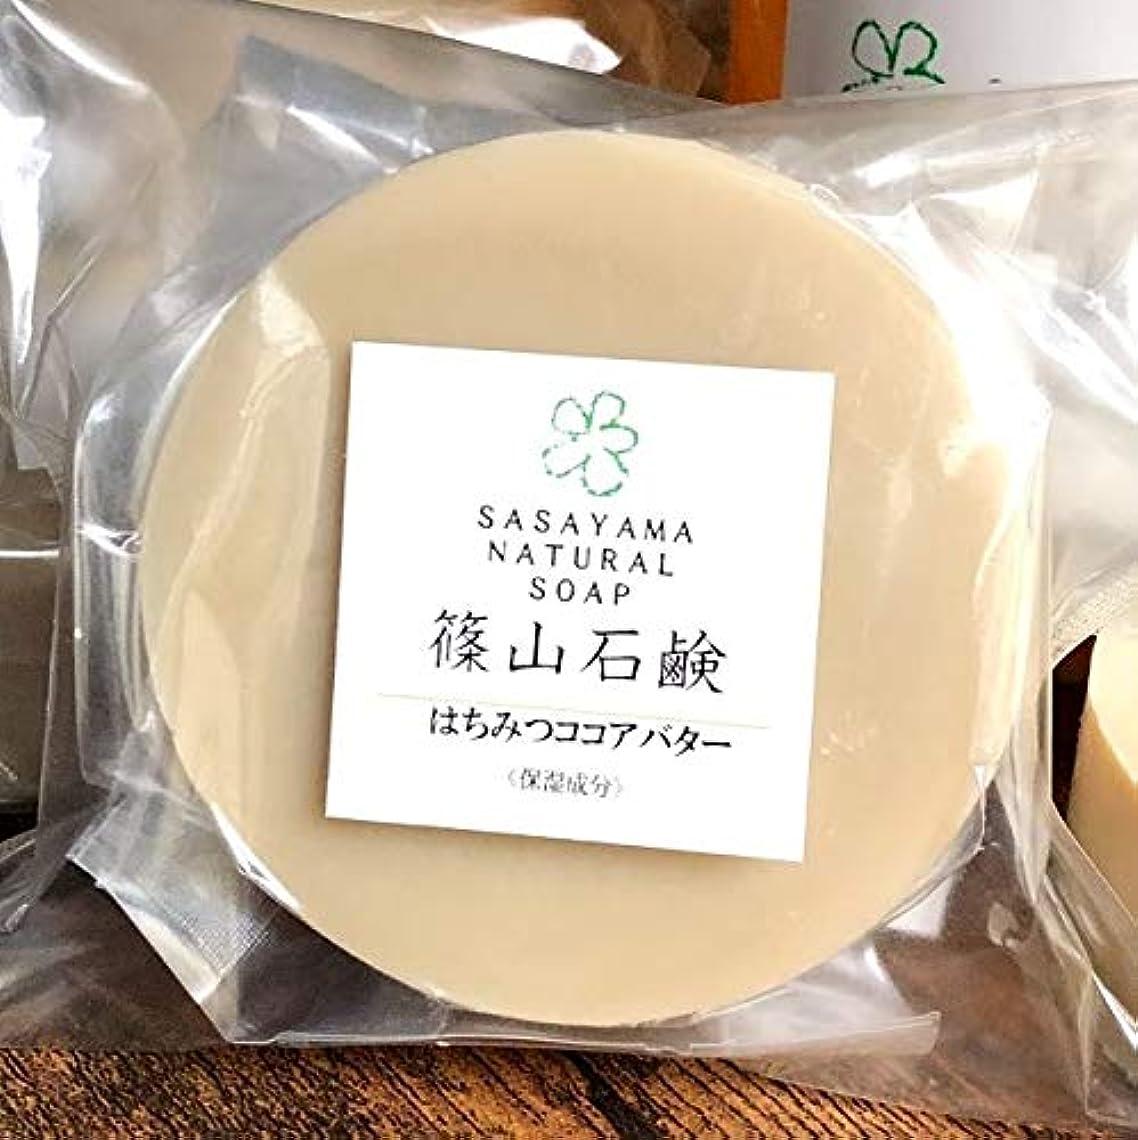 聴覚障害者飢えた首謀者篠山石鹸 はちみつココアバター 85g ミツバチ農家が作るった「ハチミツ洗顔せっけん」) コールドプロセス製法